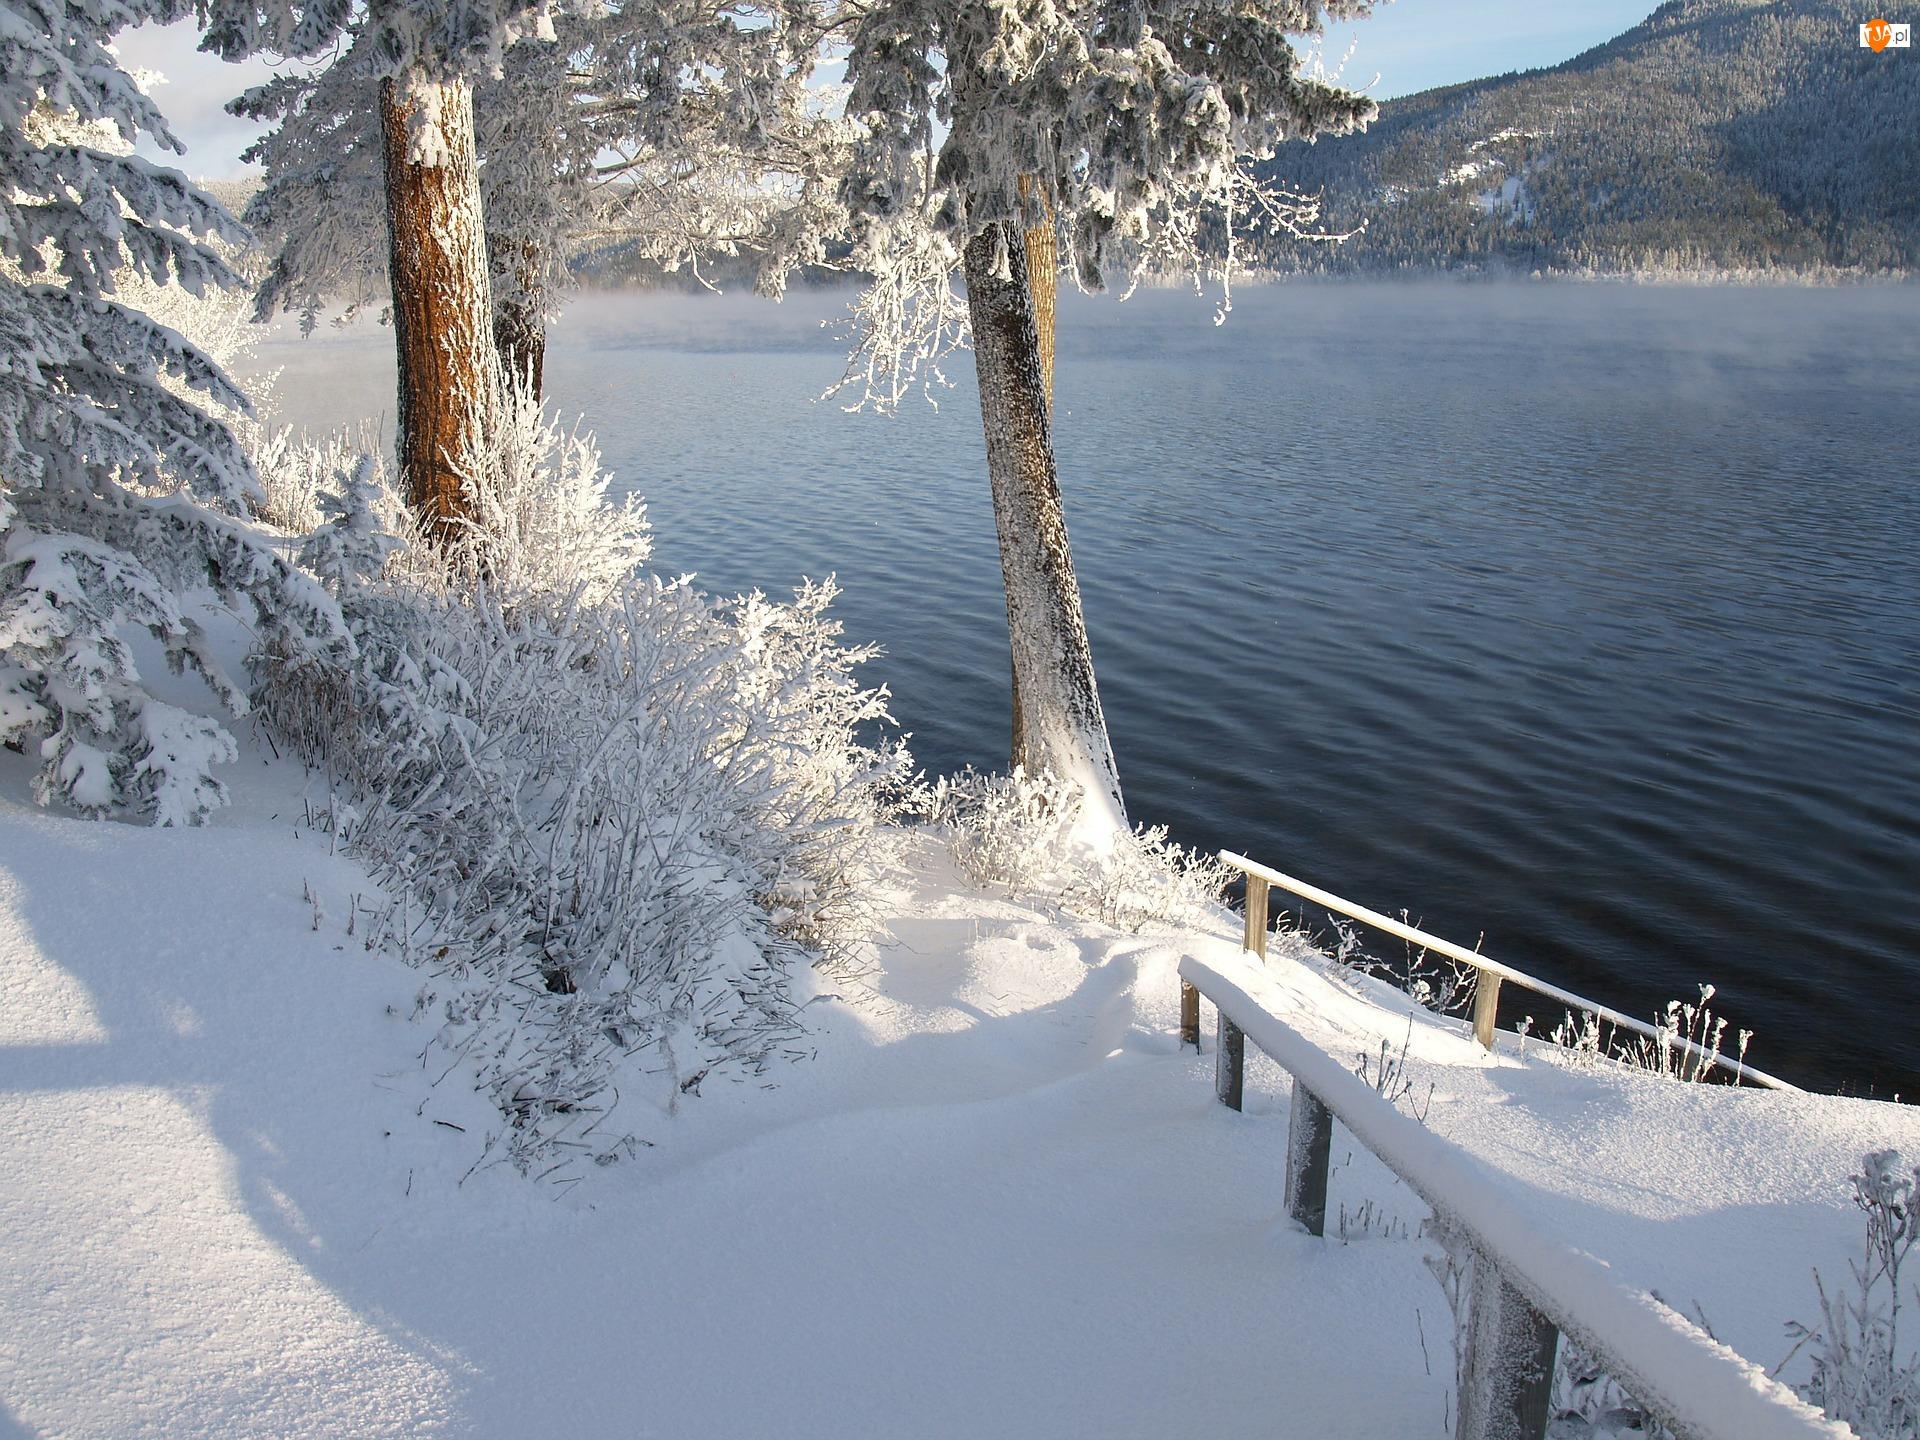 Kanada, Śnieg, Kolumbia Brytyjska, Jezioro, Canim Lake, Drzewa, Szron, Zima, Pogodny dzień